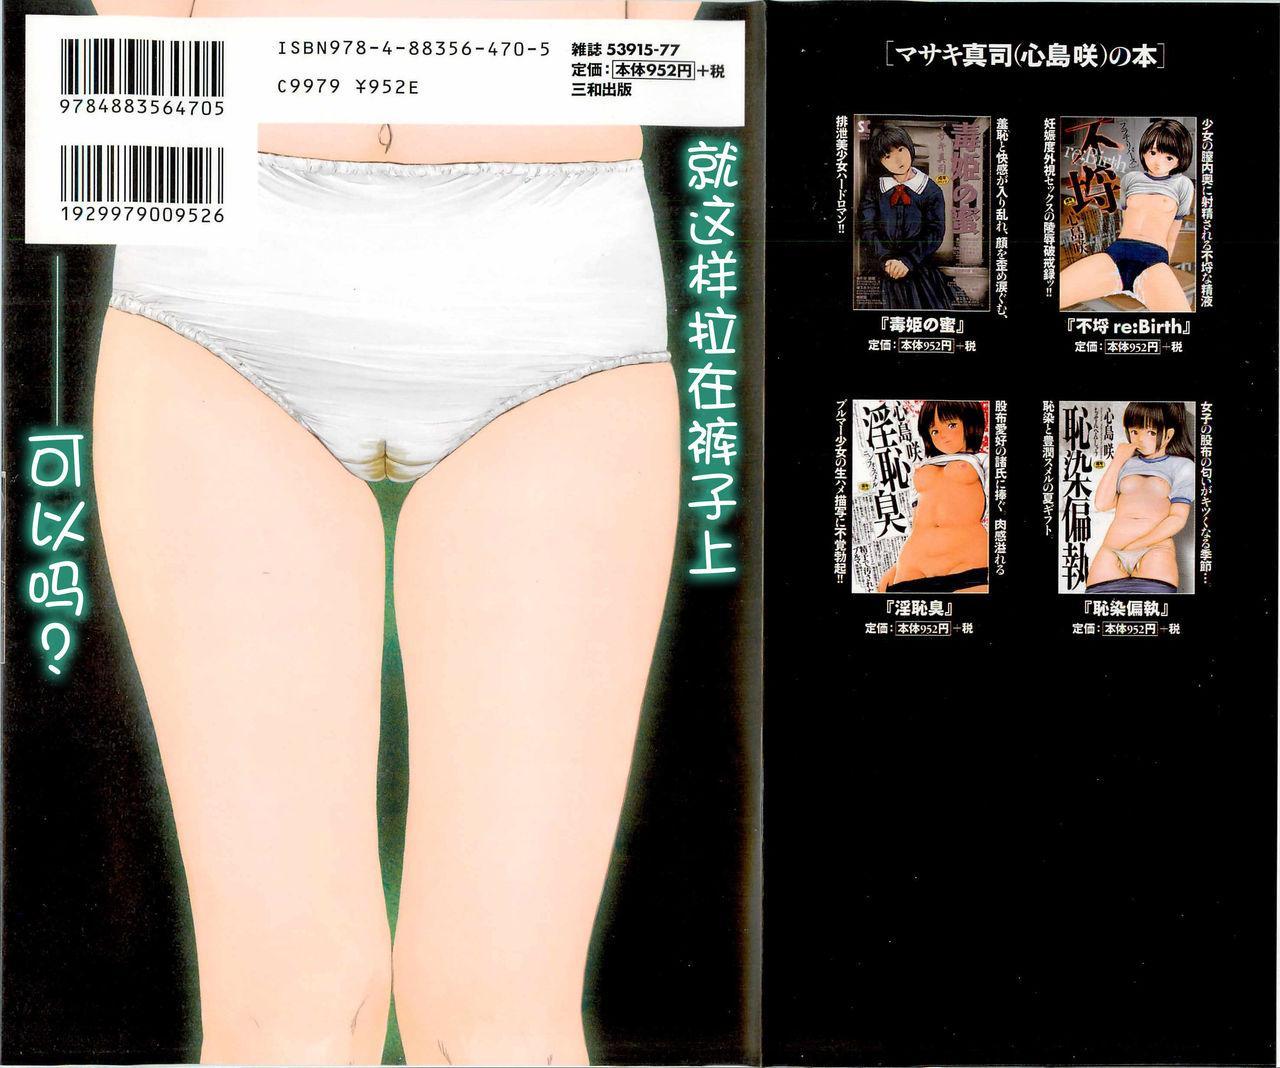 Daisenkou ~ Shin Dokuhime no Mitsu 1